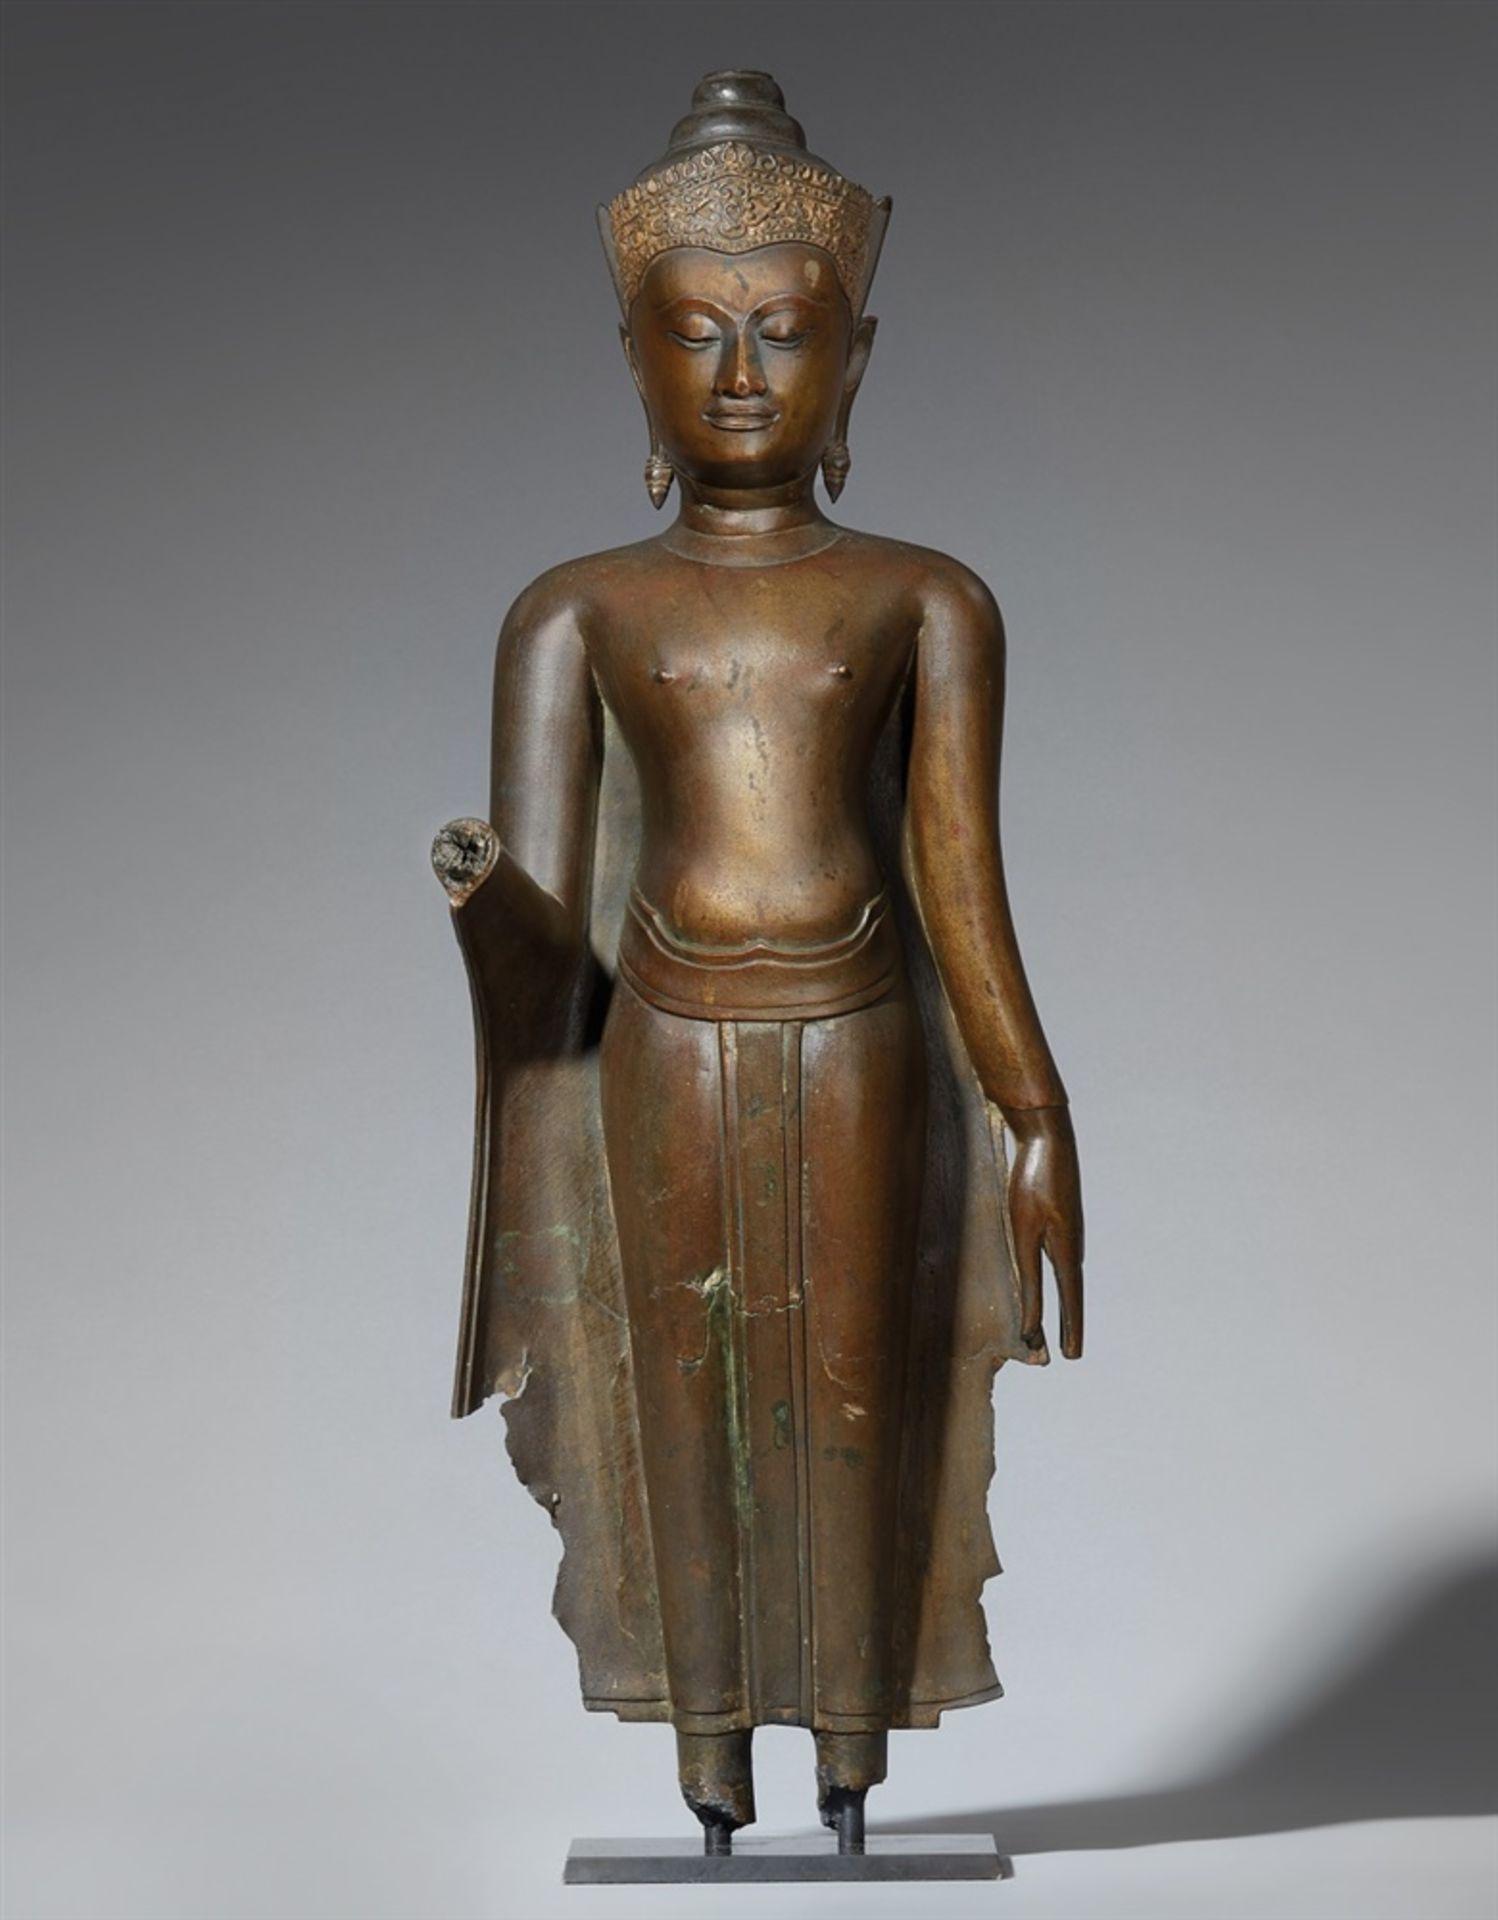 Figur eines stehenden bekrönten Buddha. Bronze. Thailand, Ayutthaya. 16./17. Jh.